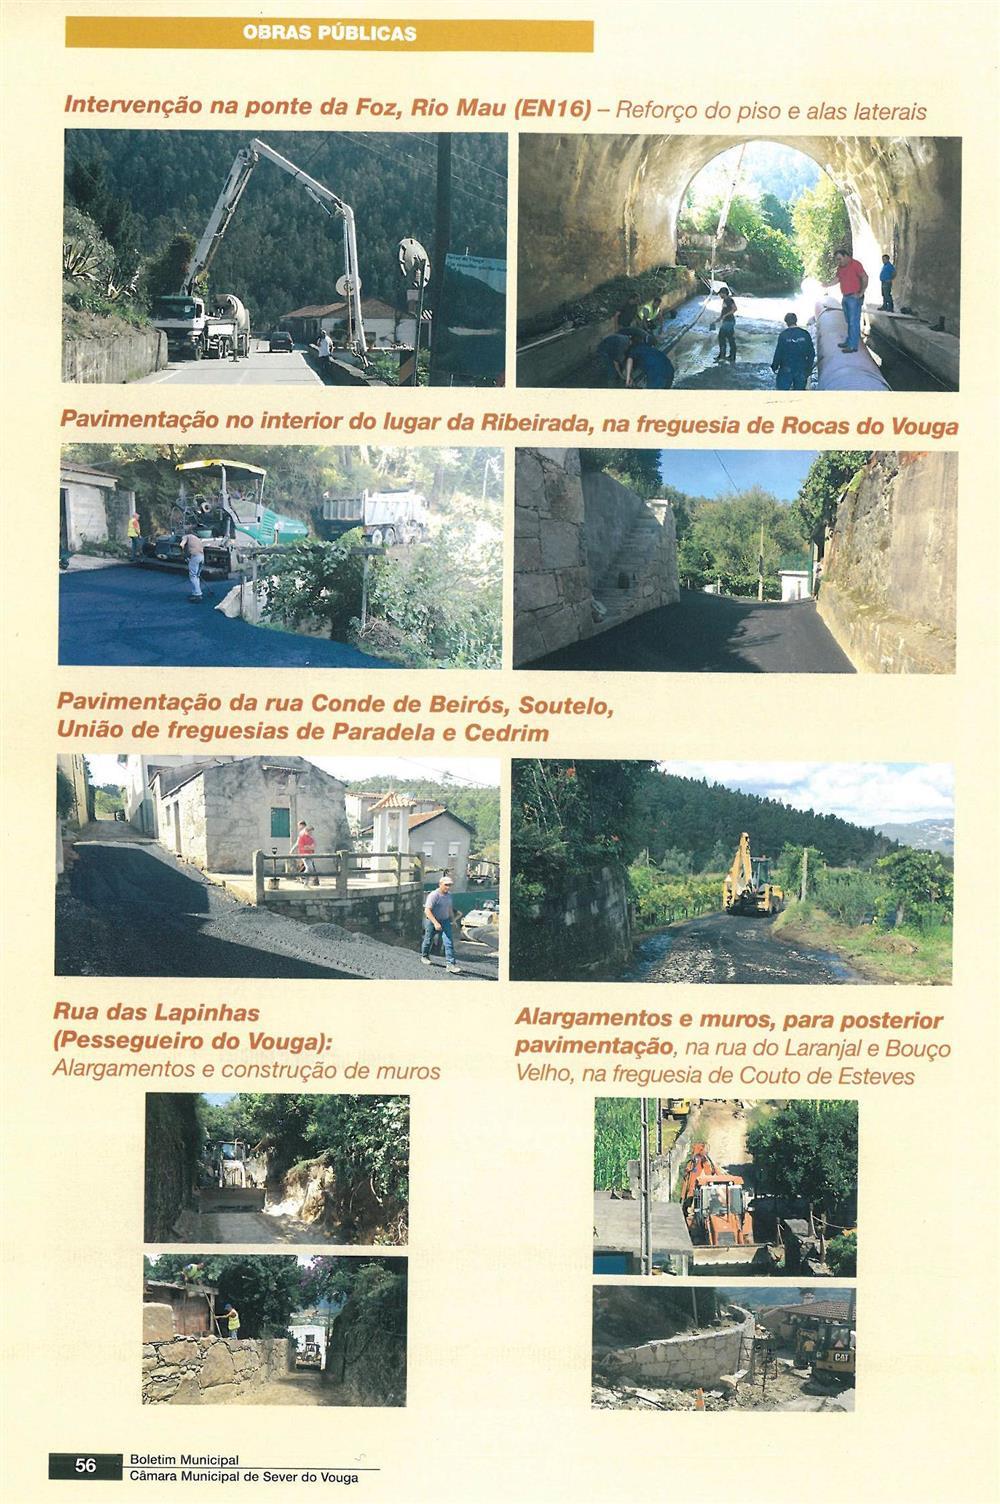 BoletimMunicipal-n.º32-nov.'15-p.56-Obras públicas [6.ª parte de oito].jpg